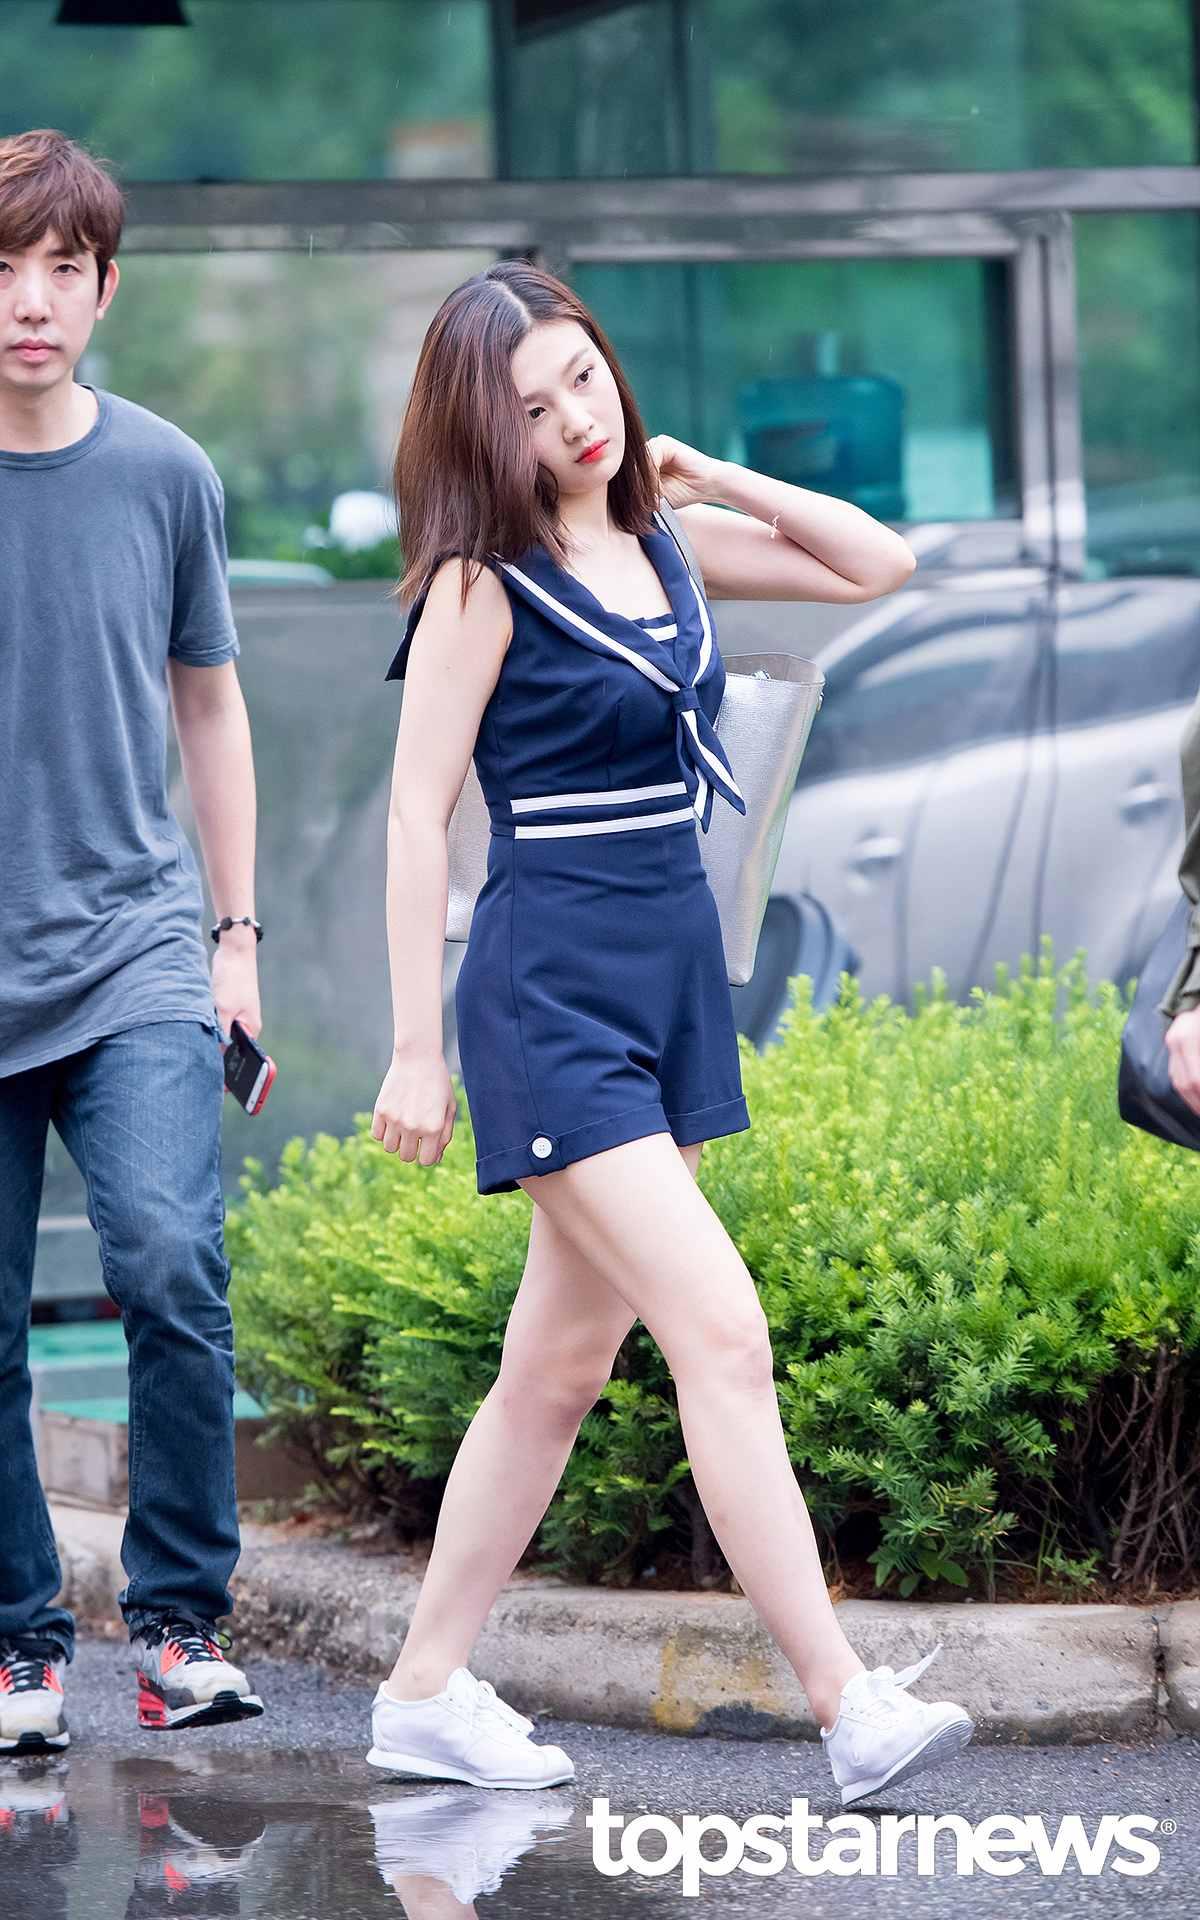 ◇連身短褲 韓妞在夏天也很流行穿連身款,Joy的海軍風連身短褲,很有海邊的清爽感。